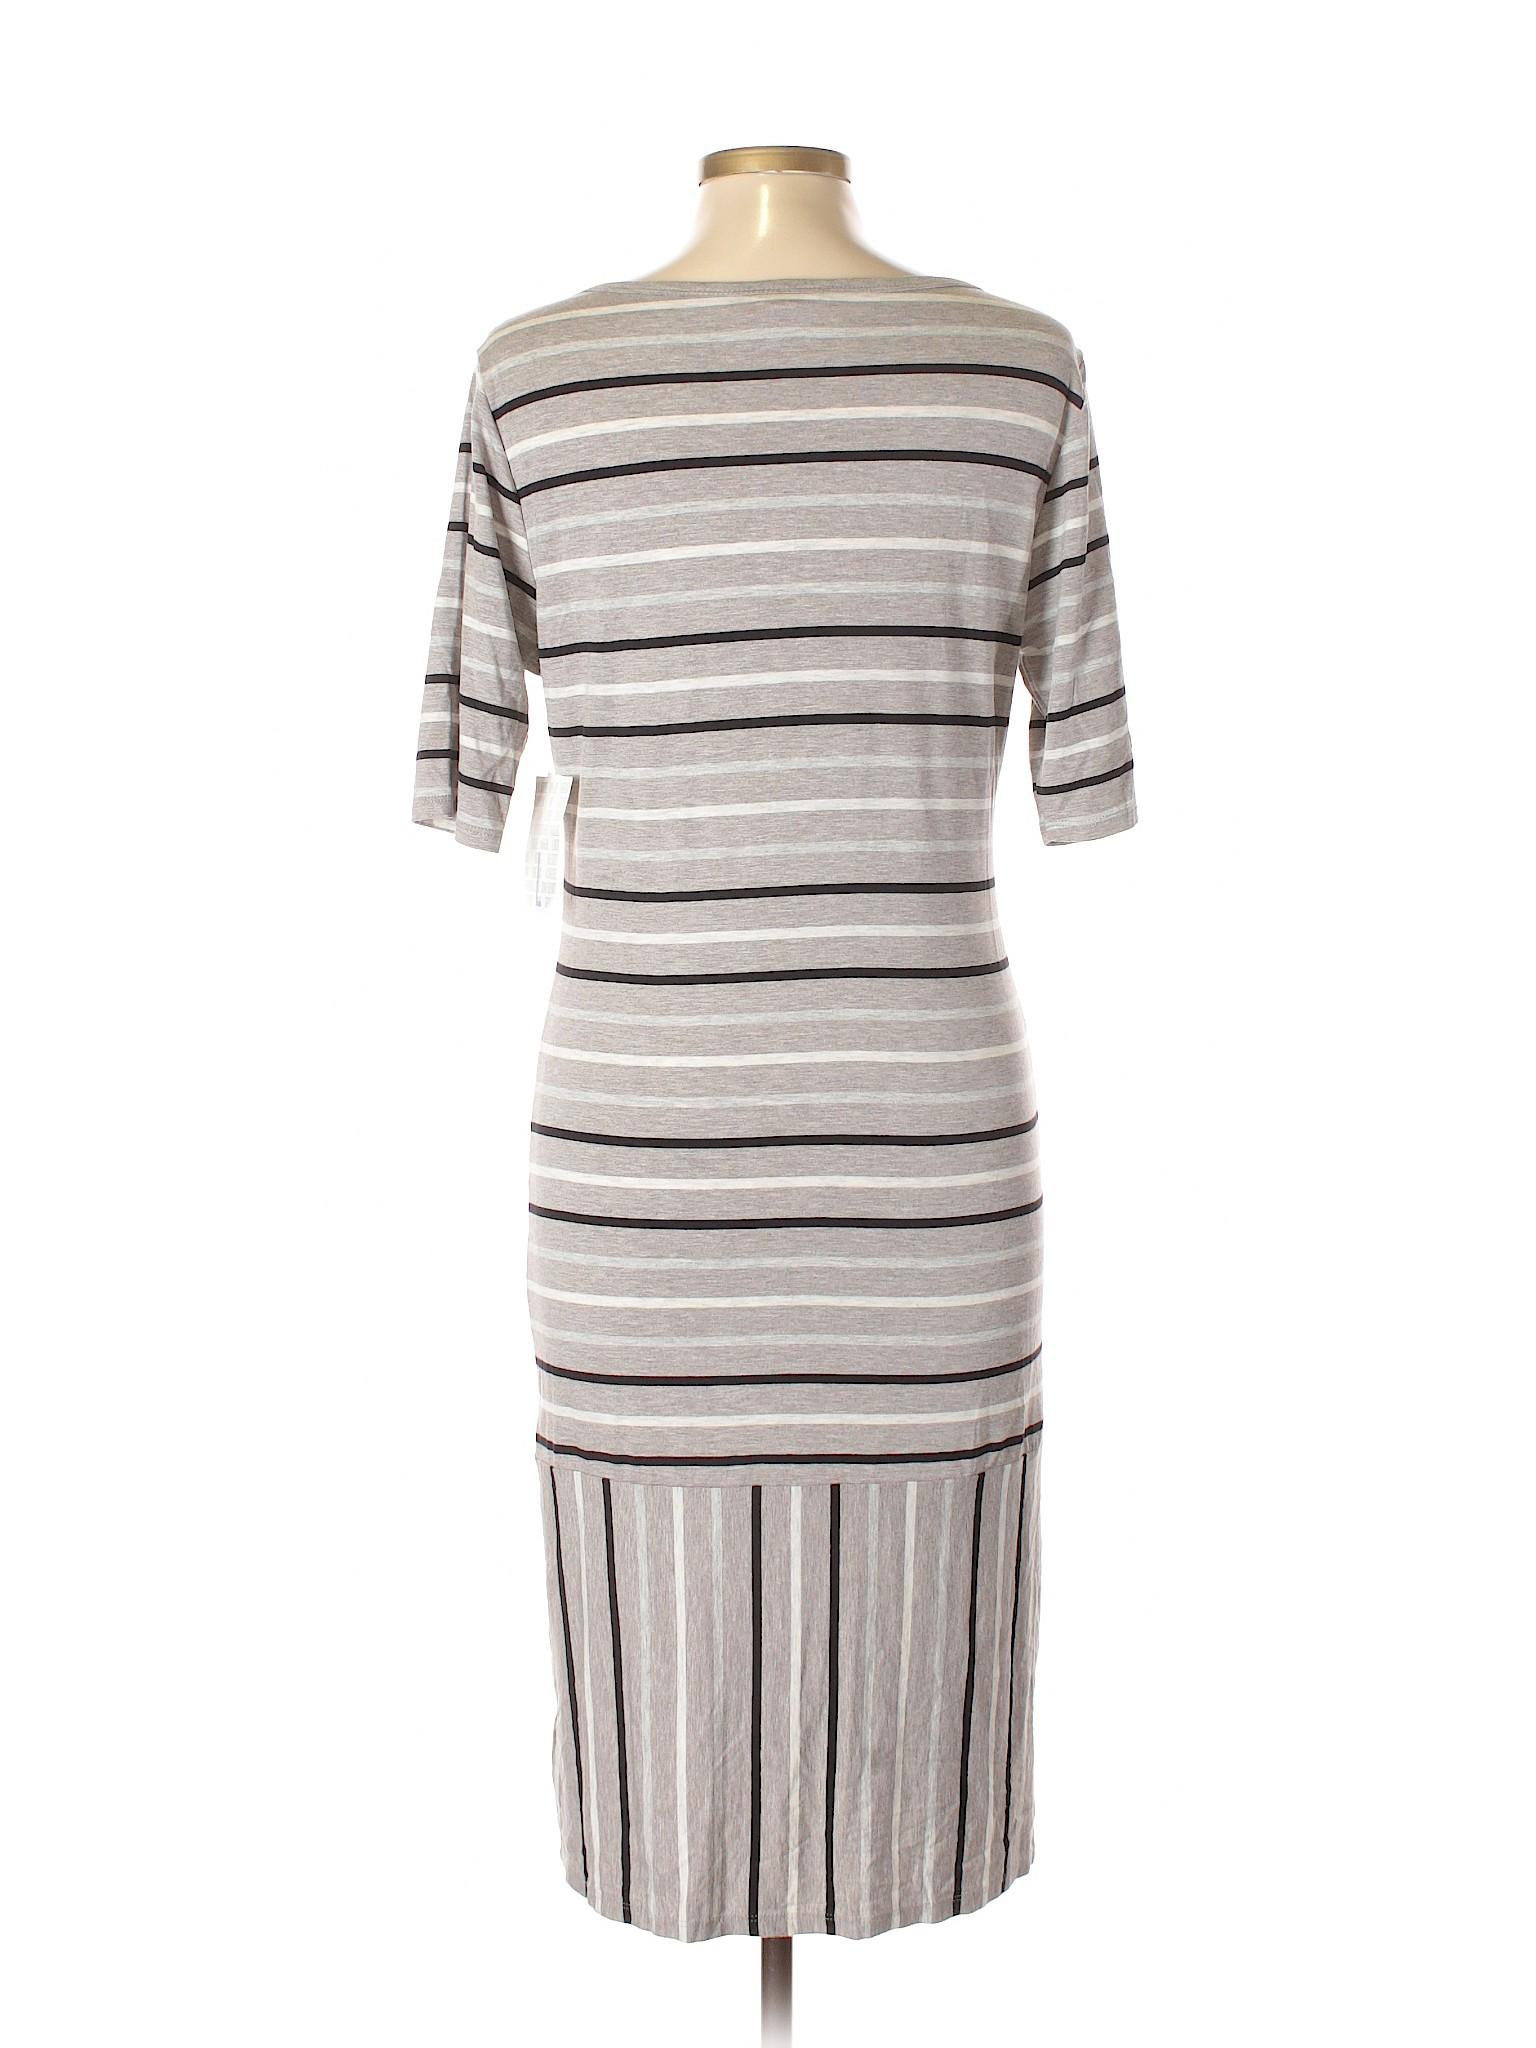 Casual Boutique Boutique winter Lularoe winter Dress q16xPIw5